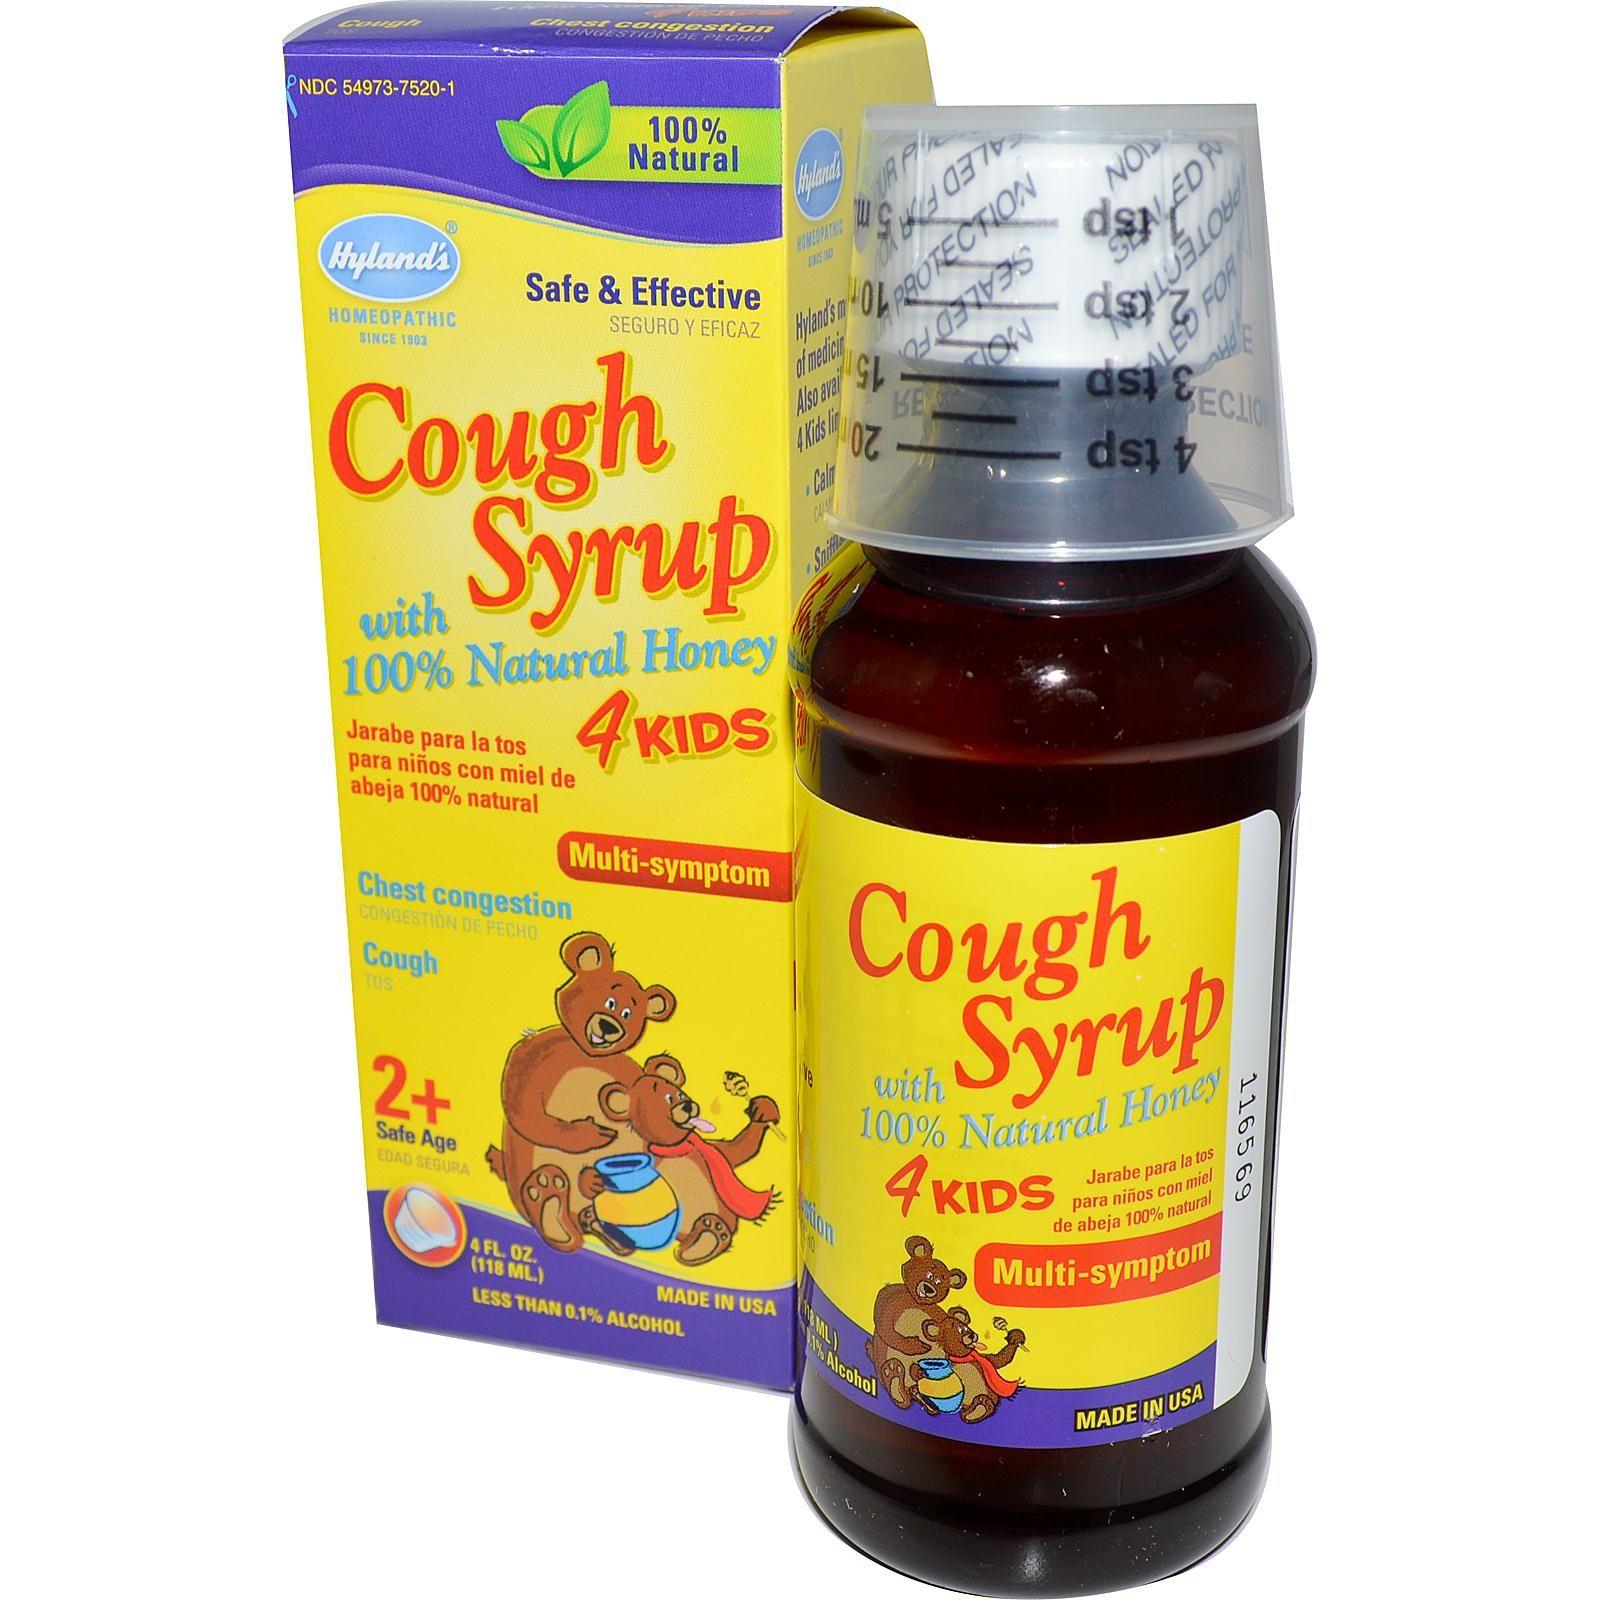 препараты от сухого кашля у взрослых отзывы